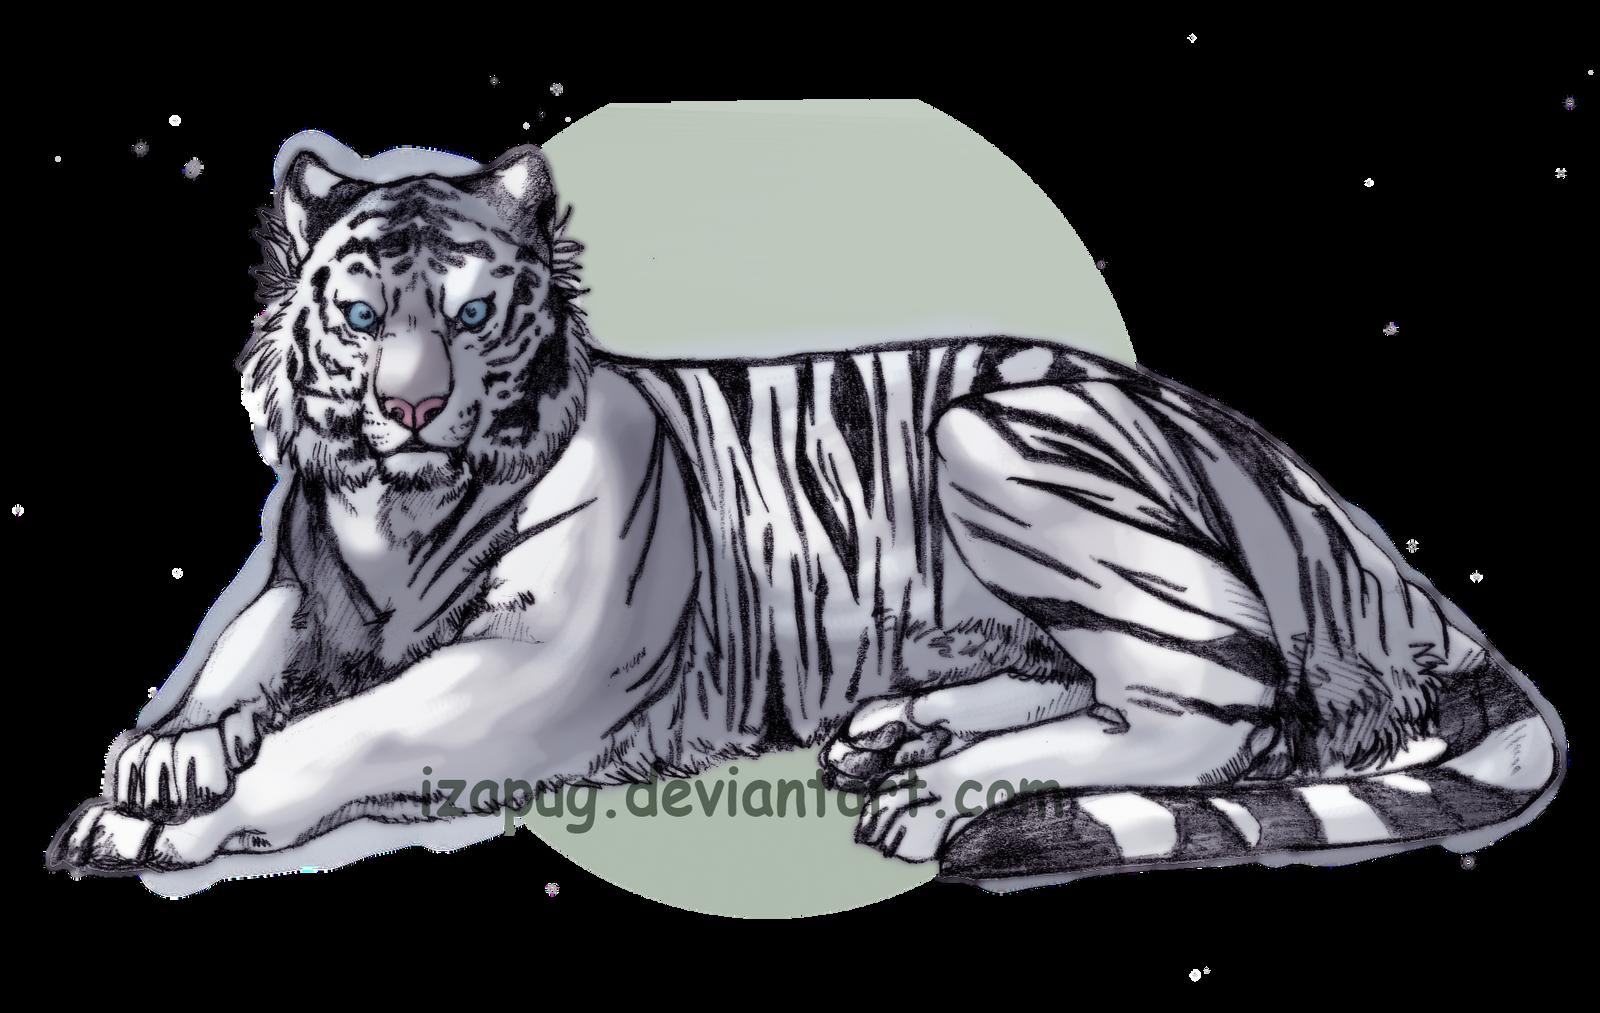 White Tiger v2 by IzaPug on DeviantArt